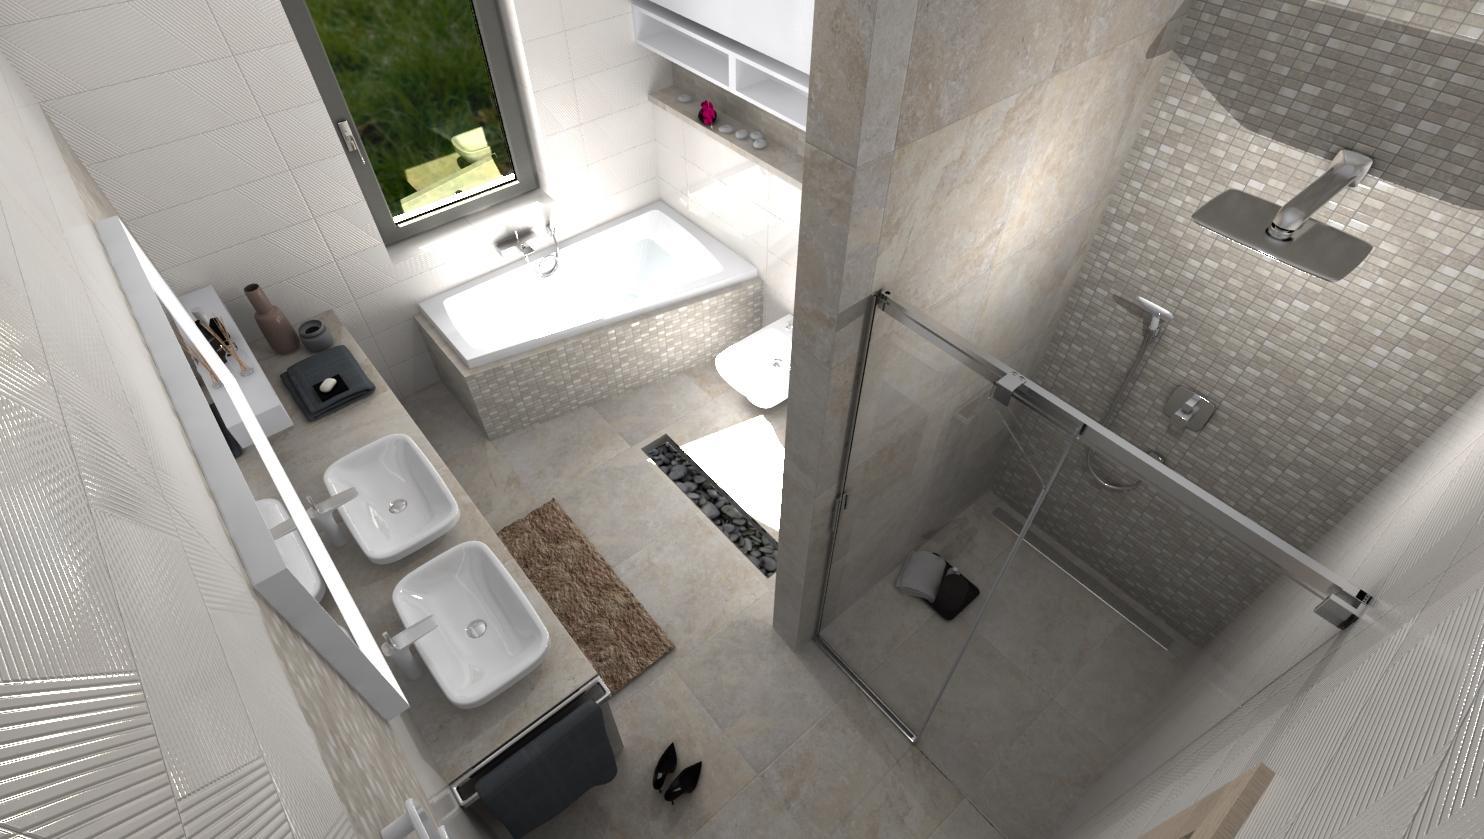 Návrhy a vizualizácie kúpeľní - Nová vizualizácia kúpeľne BENEVA - www.beneva.sk